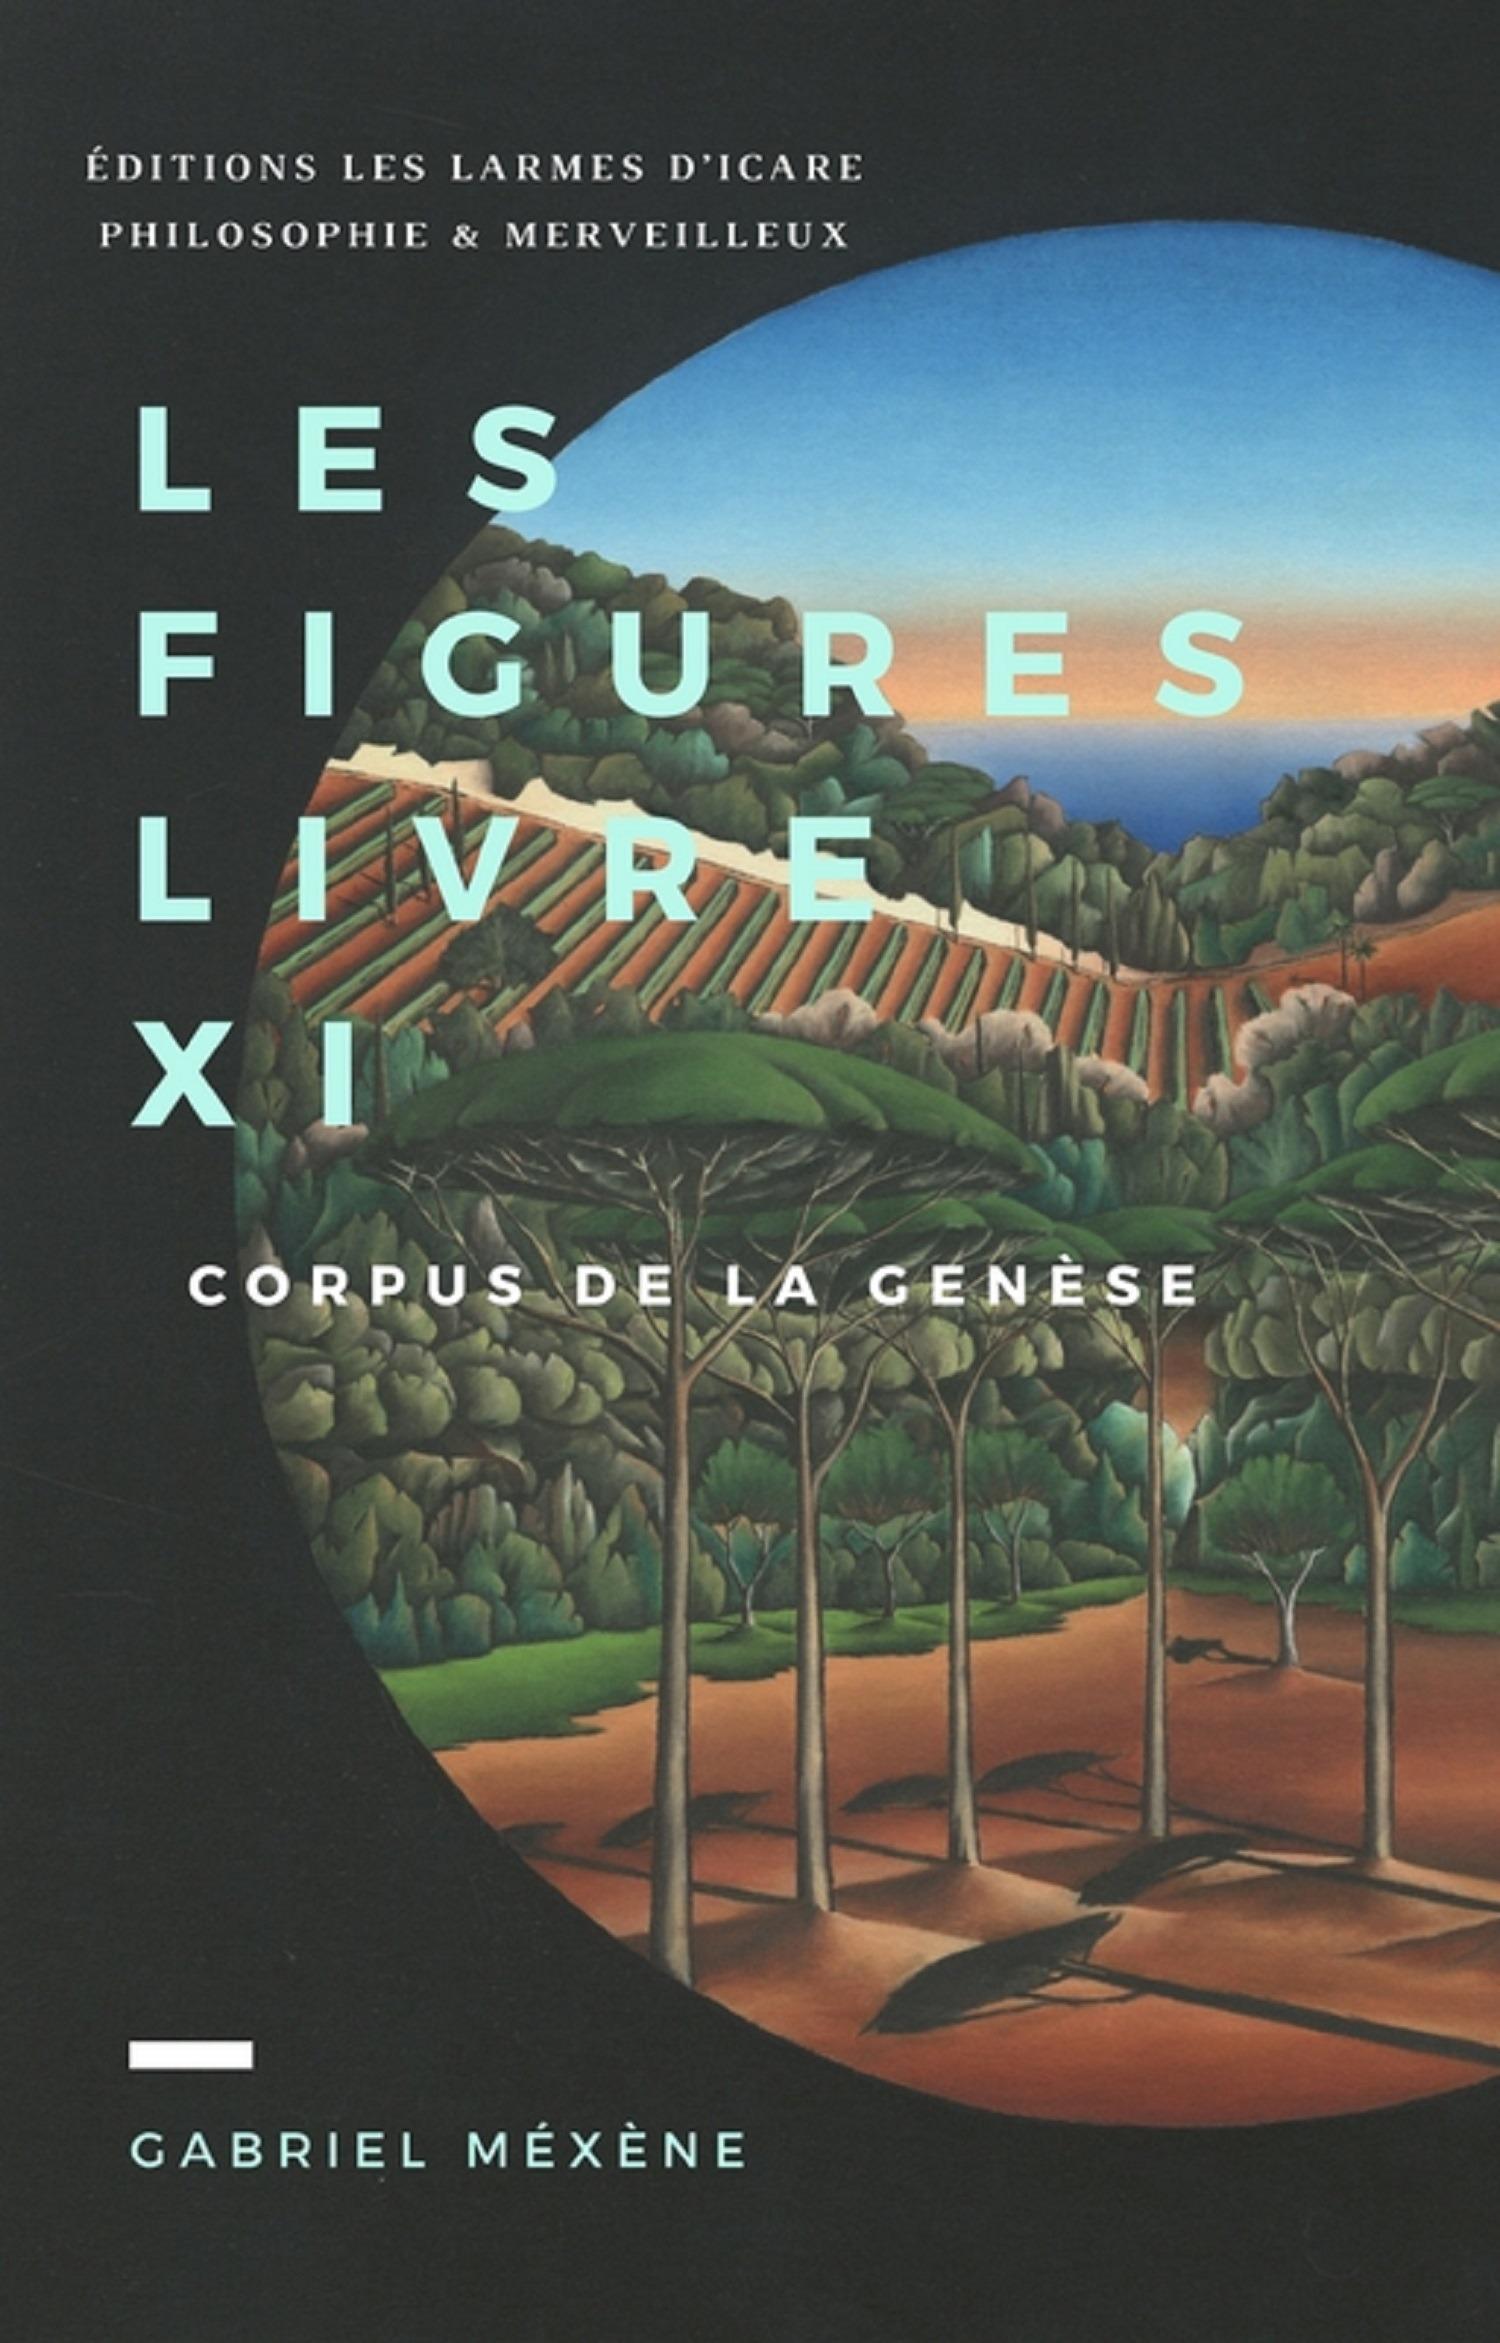 Gabriel Mexene Les Figures ; corpus de la Genèse livre XI